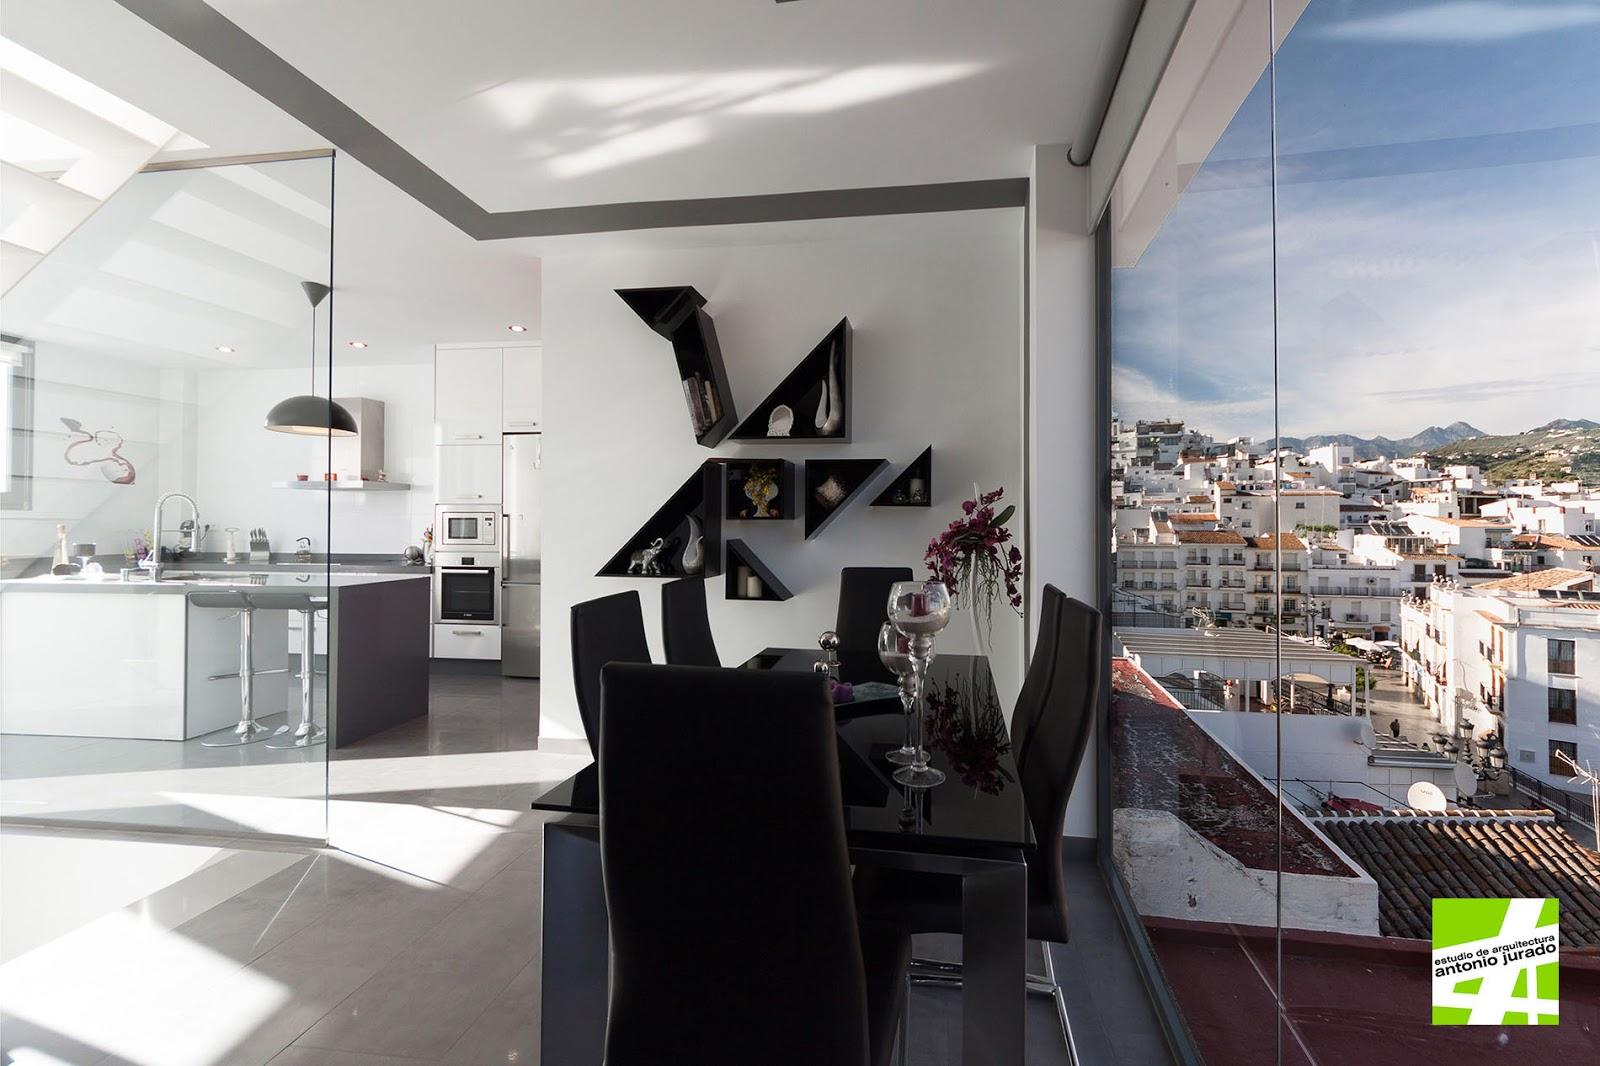 casa-tr-vivienda-unifamiliar-torrox-malaga-antonio-jurado-arquitecto-11